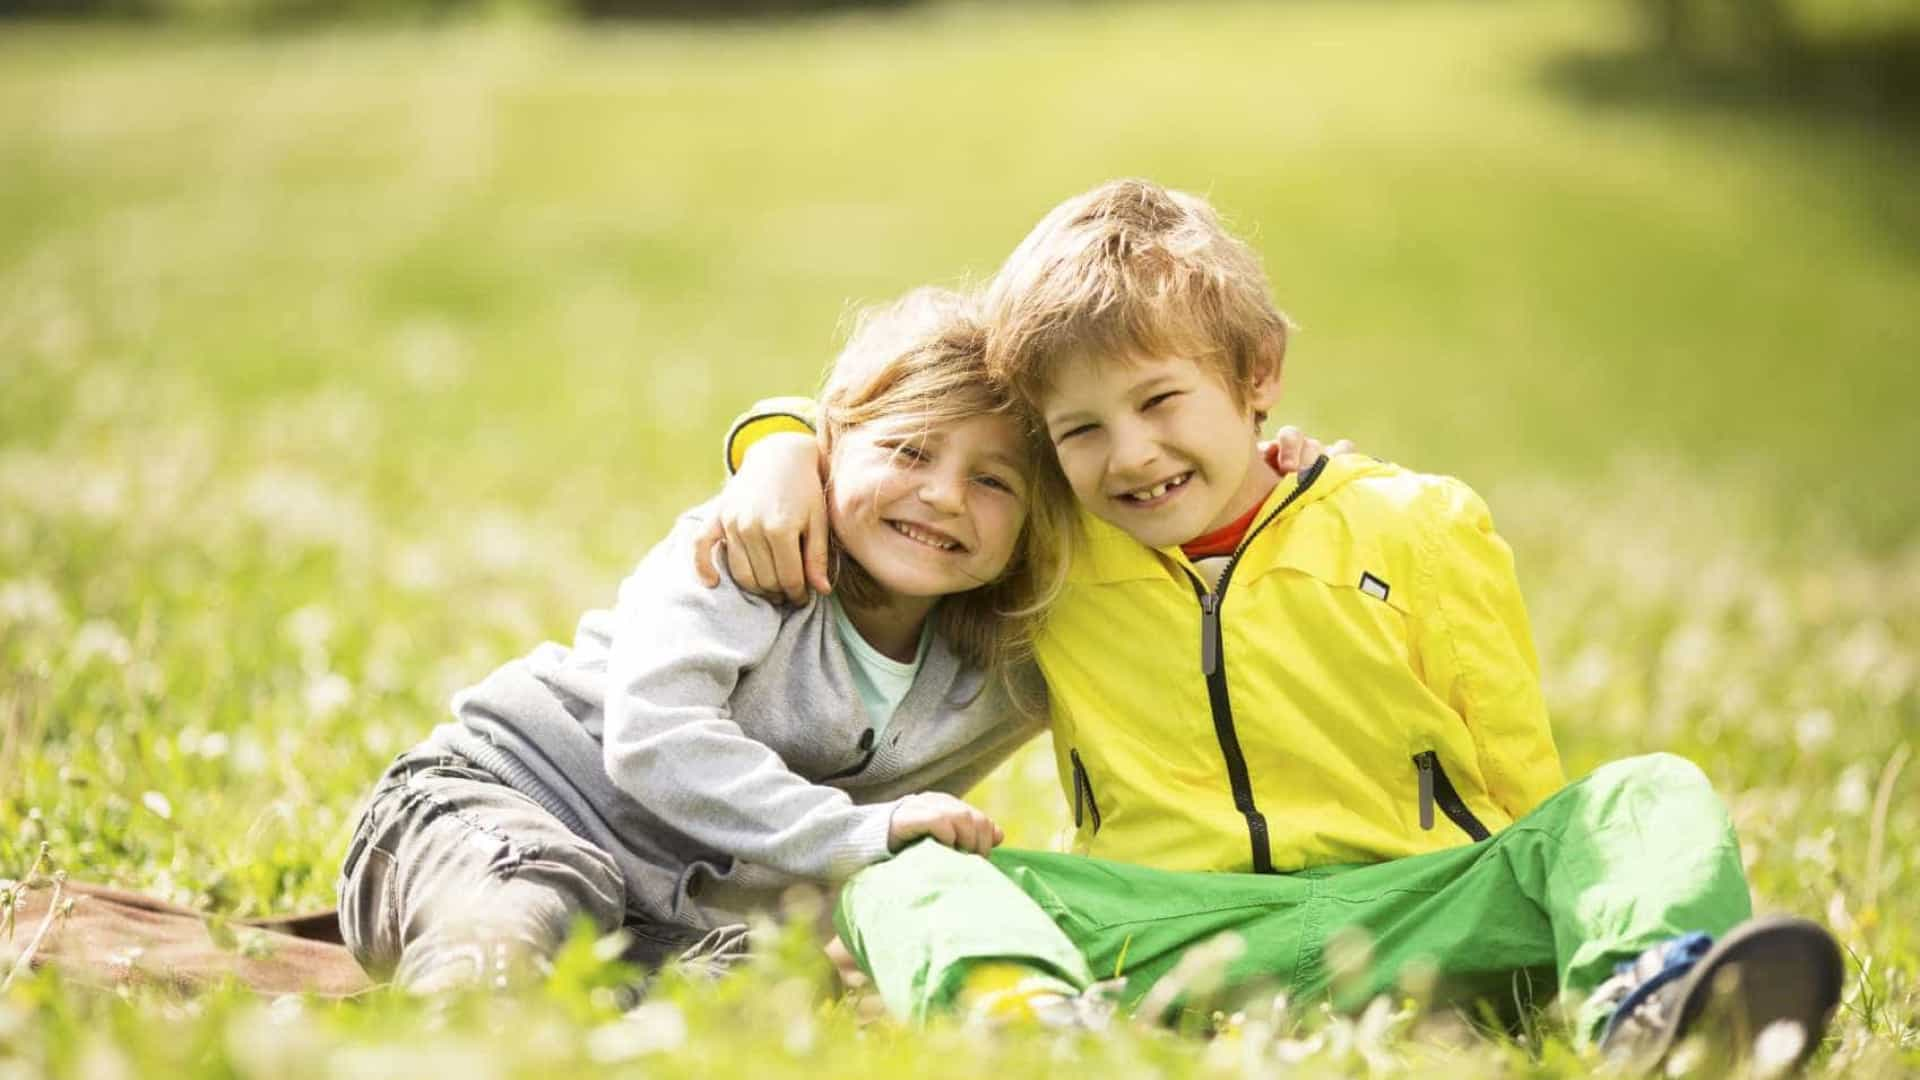 No Dia dos Irmãos, saiba como eles influenciam a sua vida e saúde